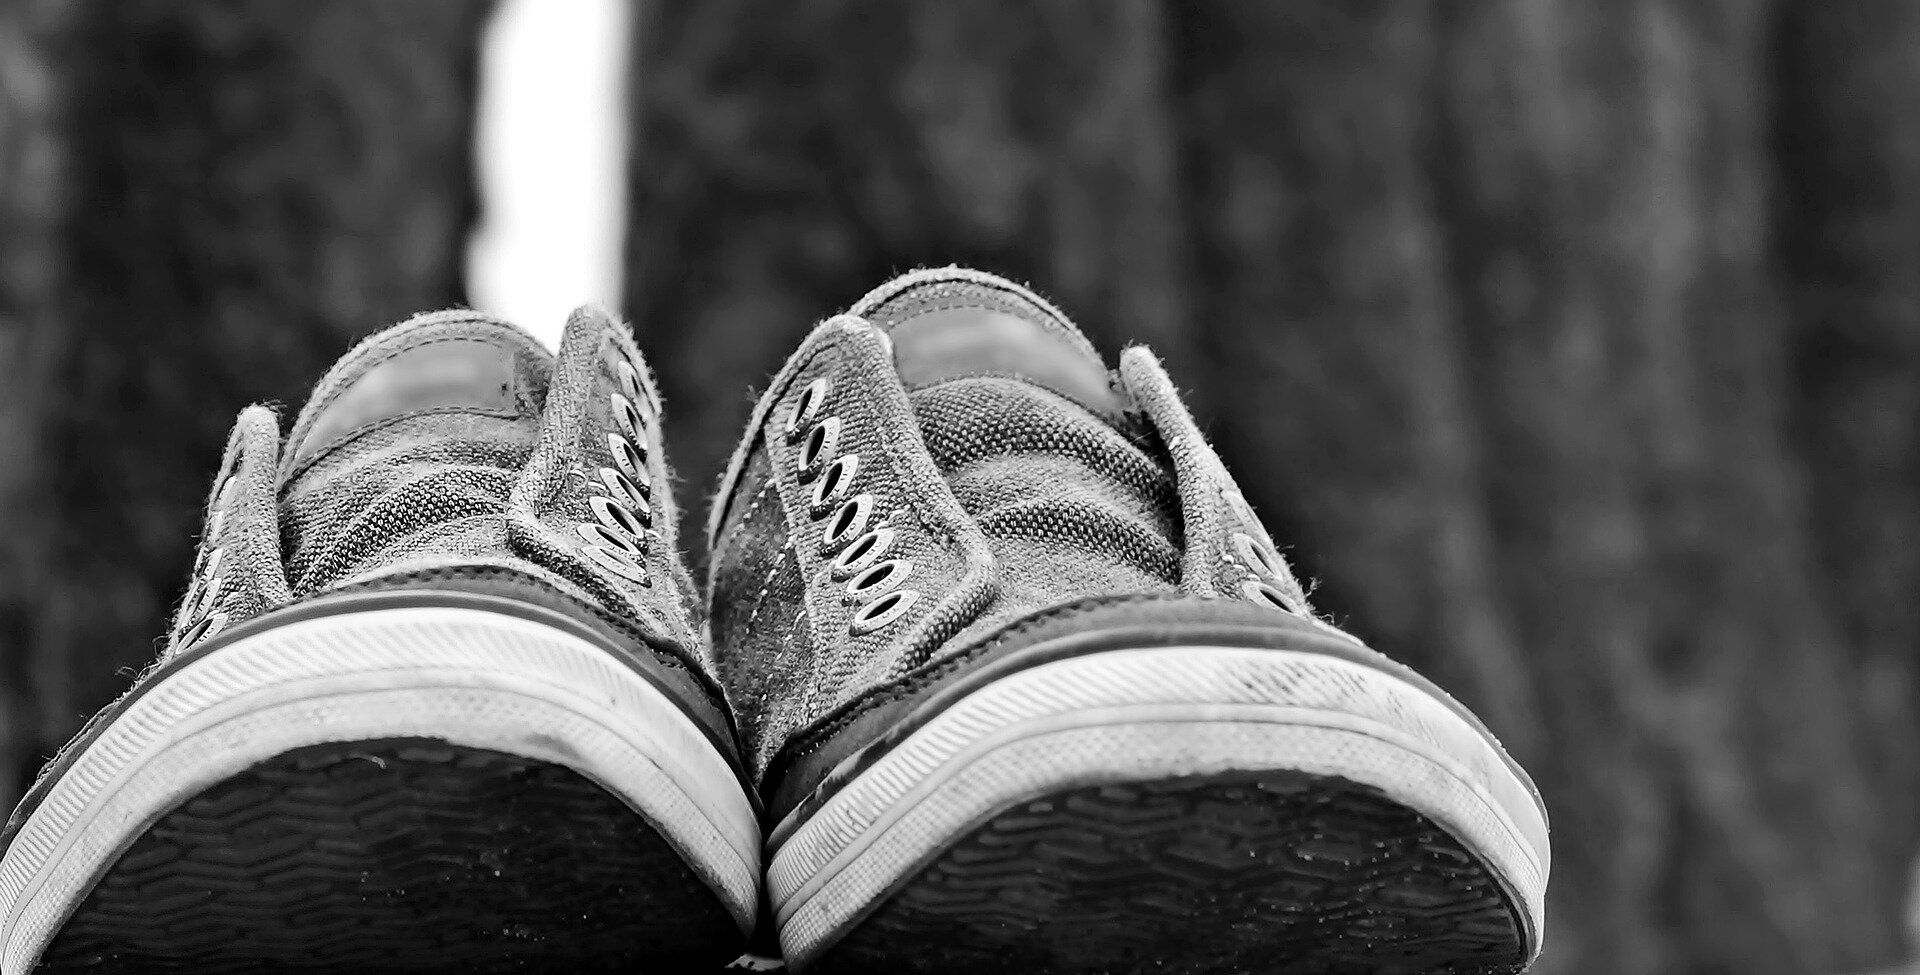 sneakers-2679804_1920